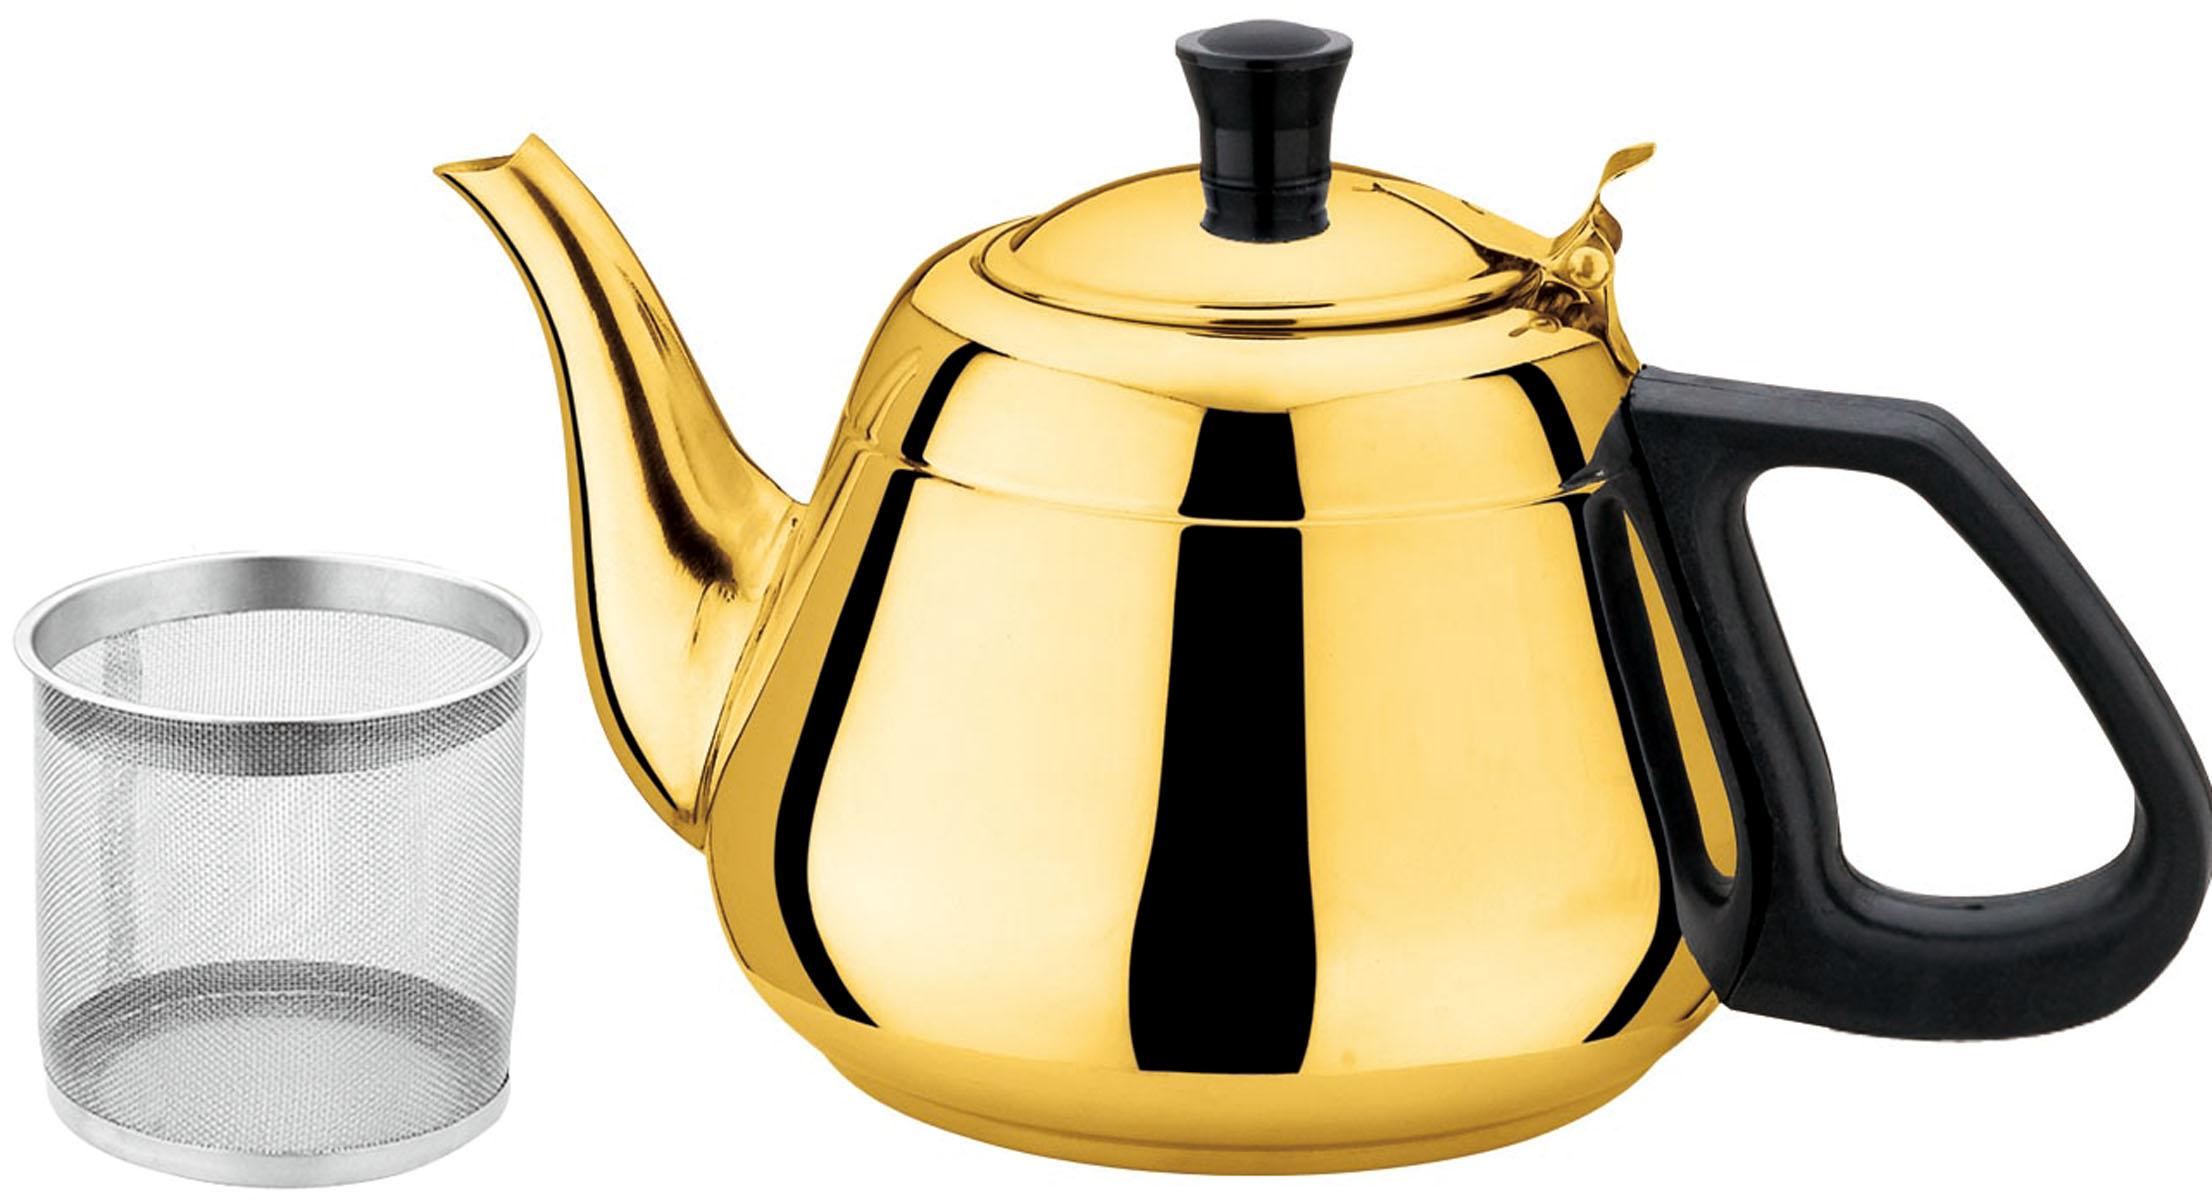 Чайник заварочный Bekker Koch, с ситечком, цвет: золотистый, 1,3 л. BK-S503BK-S503Чайник Bekker Koch выполнен из высококачественной нержавеющей стали, что обеспечивает долговечность использования. Внешнее зеркальное покрытие придает приятный внешний вид. Бакелитовая ручкаделает использование чайника очень удобным и безопасным. Чайник снабжен ситечком для заваривания. Можно мыть в посудомоечной машине. Пригоден для всех видов плит, включая индукционные. Диаметр (по верхнему краю): 6,5 см.Высота чайника (без учета крышки и ручки): 10 см.Диаметр основания: 11 см. Толщина стенки: 0,4 мм.Толщина дна: 1 мм.Высота ситечка: 7,3 см.